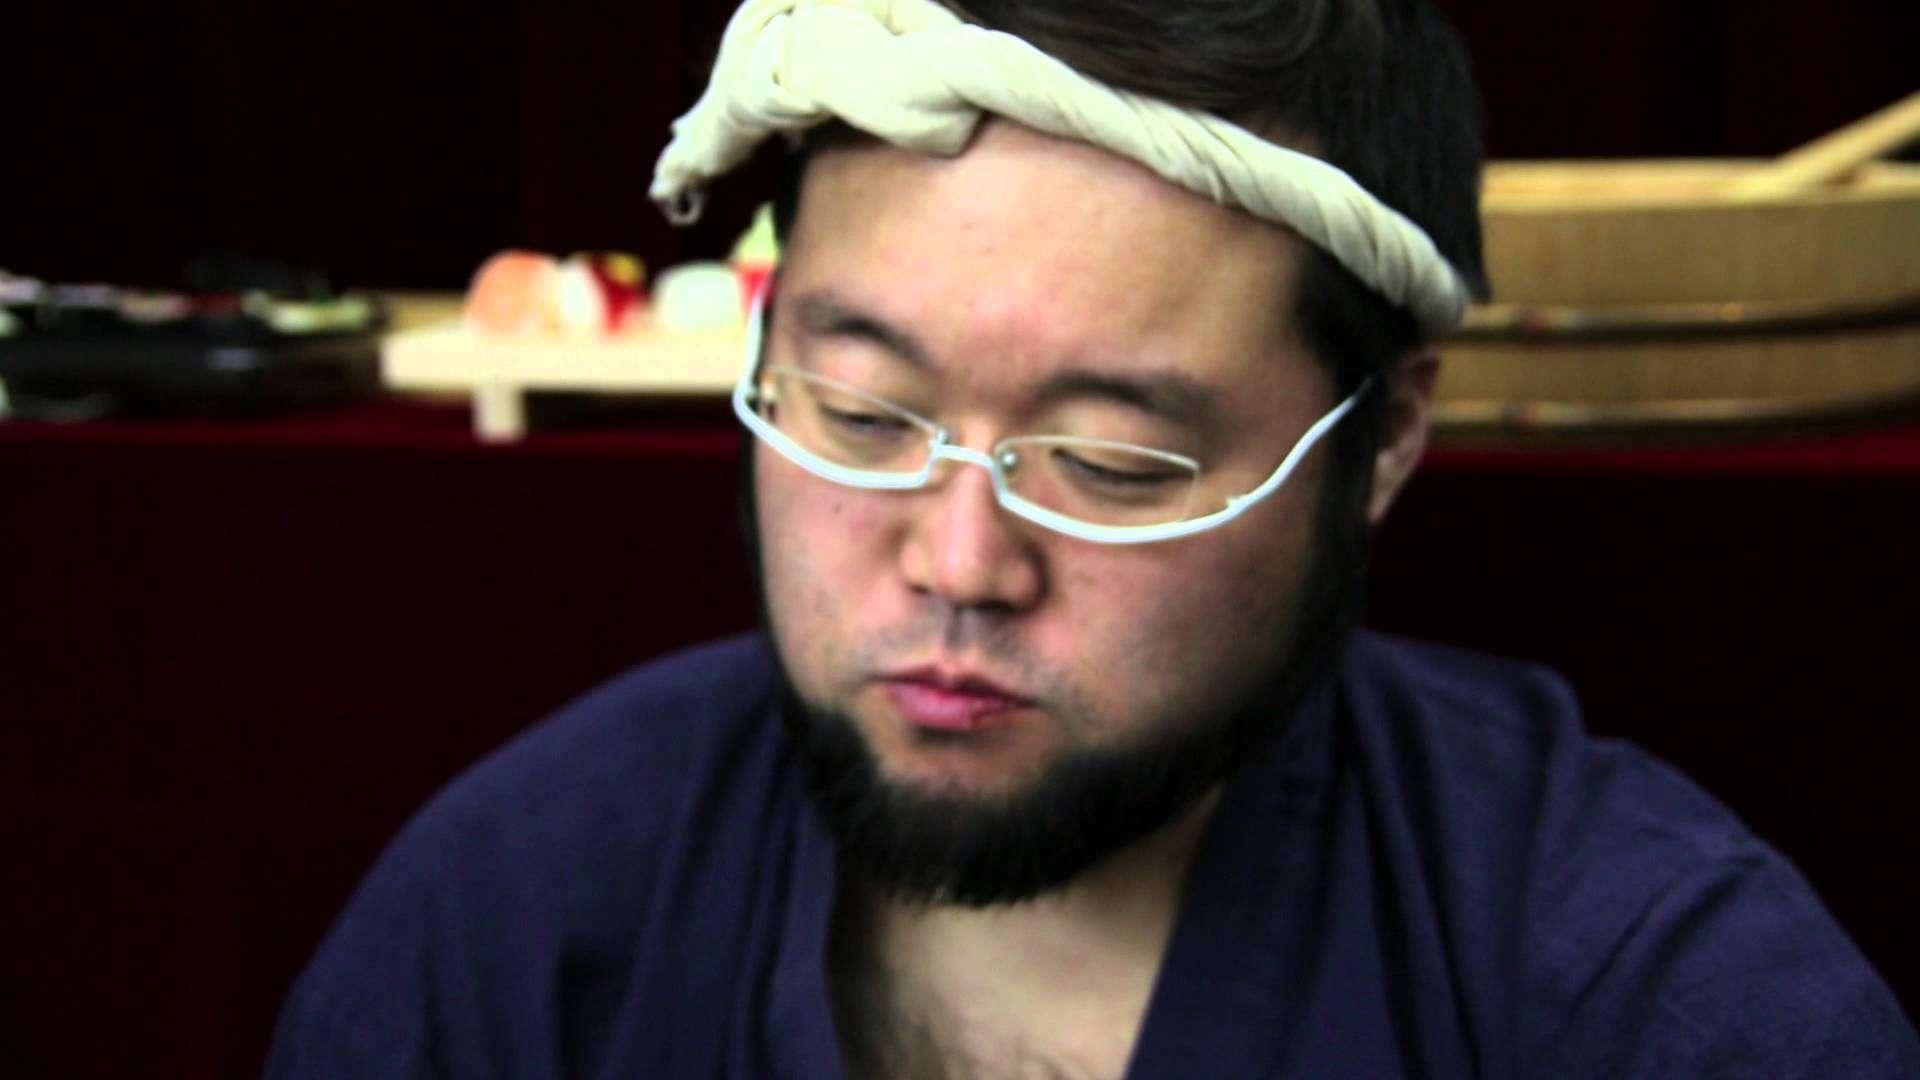 【おもちゃ】寿司職人もオススメ!!『超ニギニギおうちで回転寿し』 - YouTube